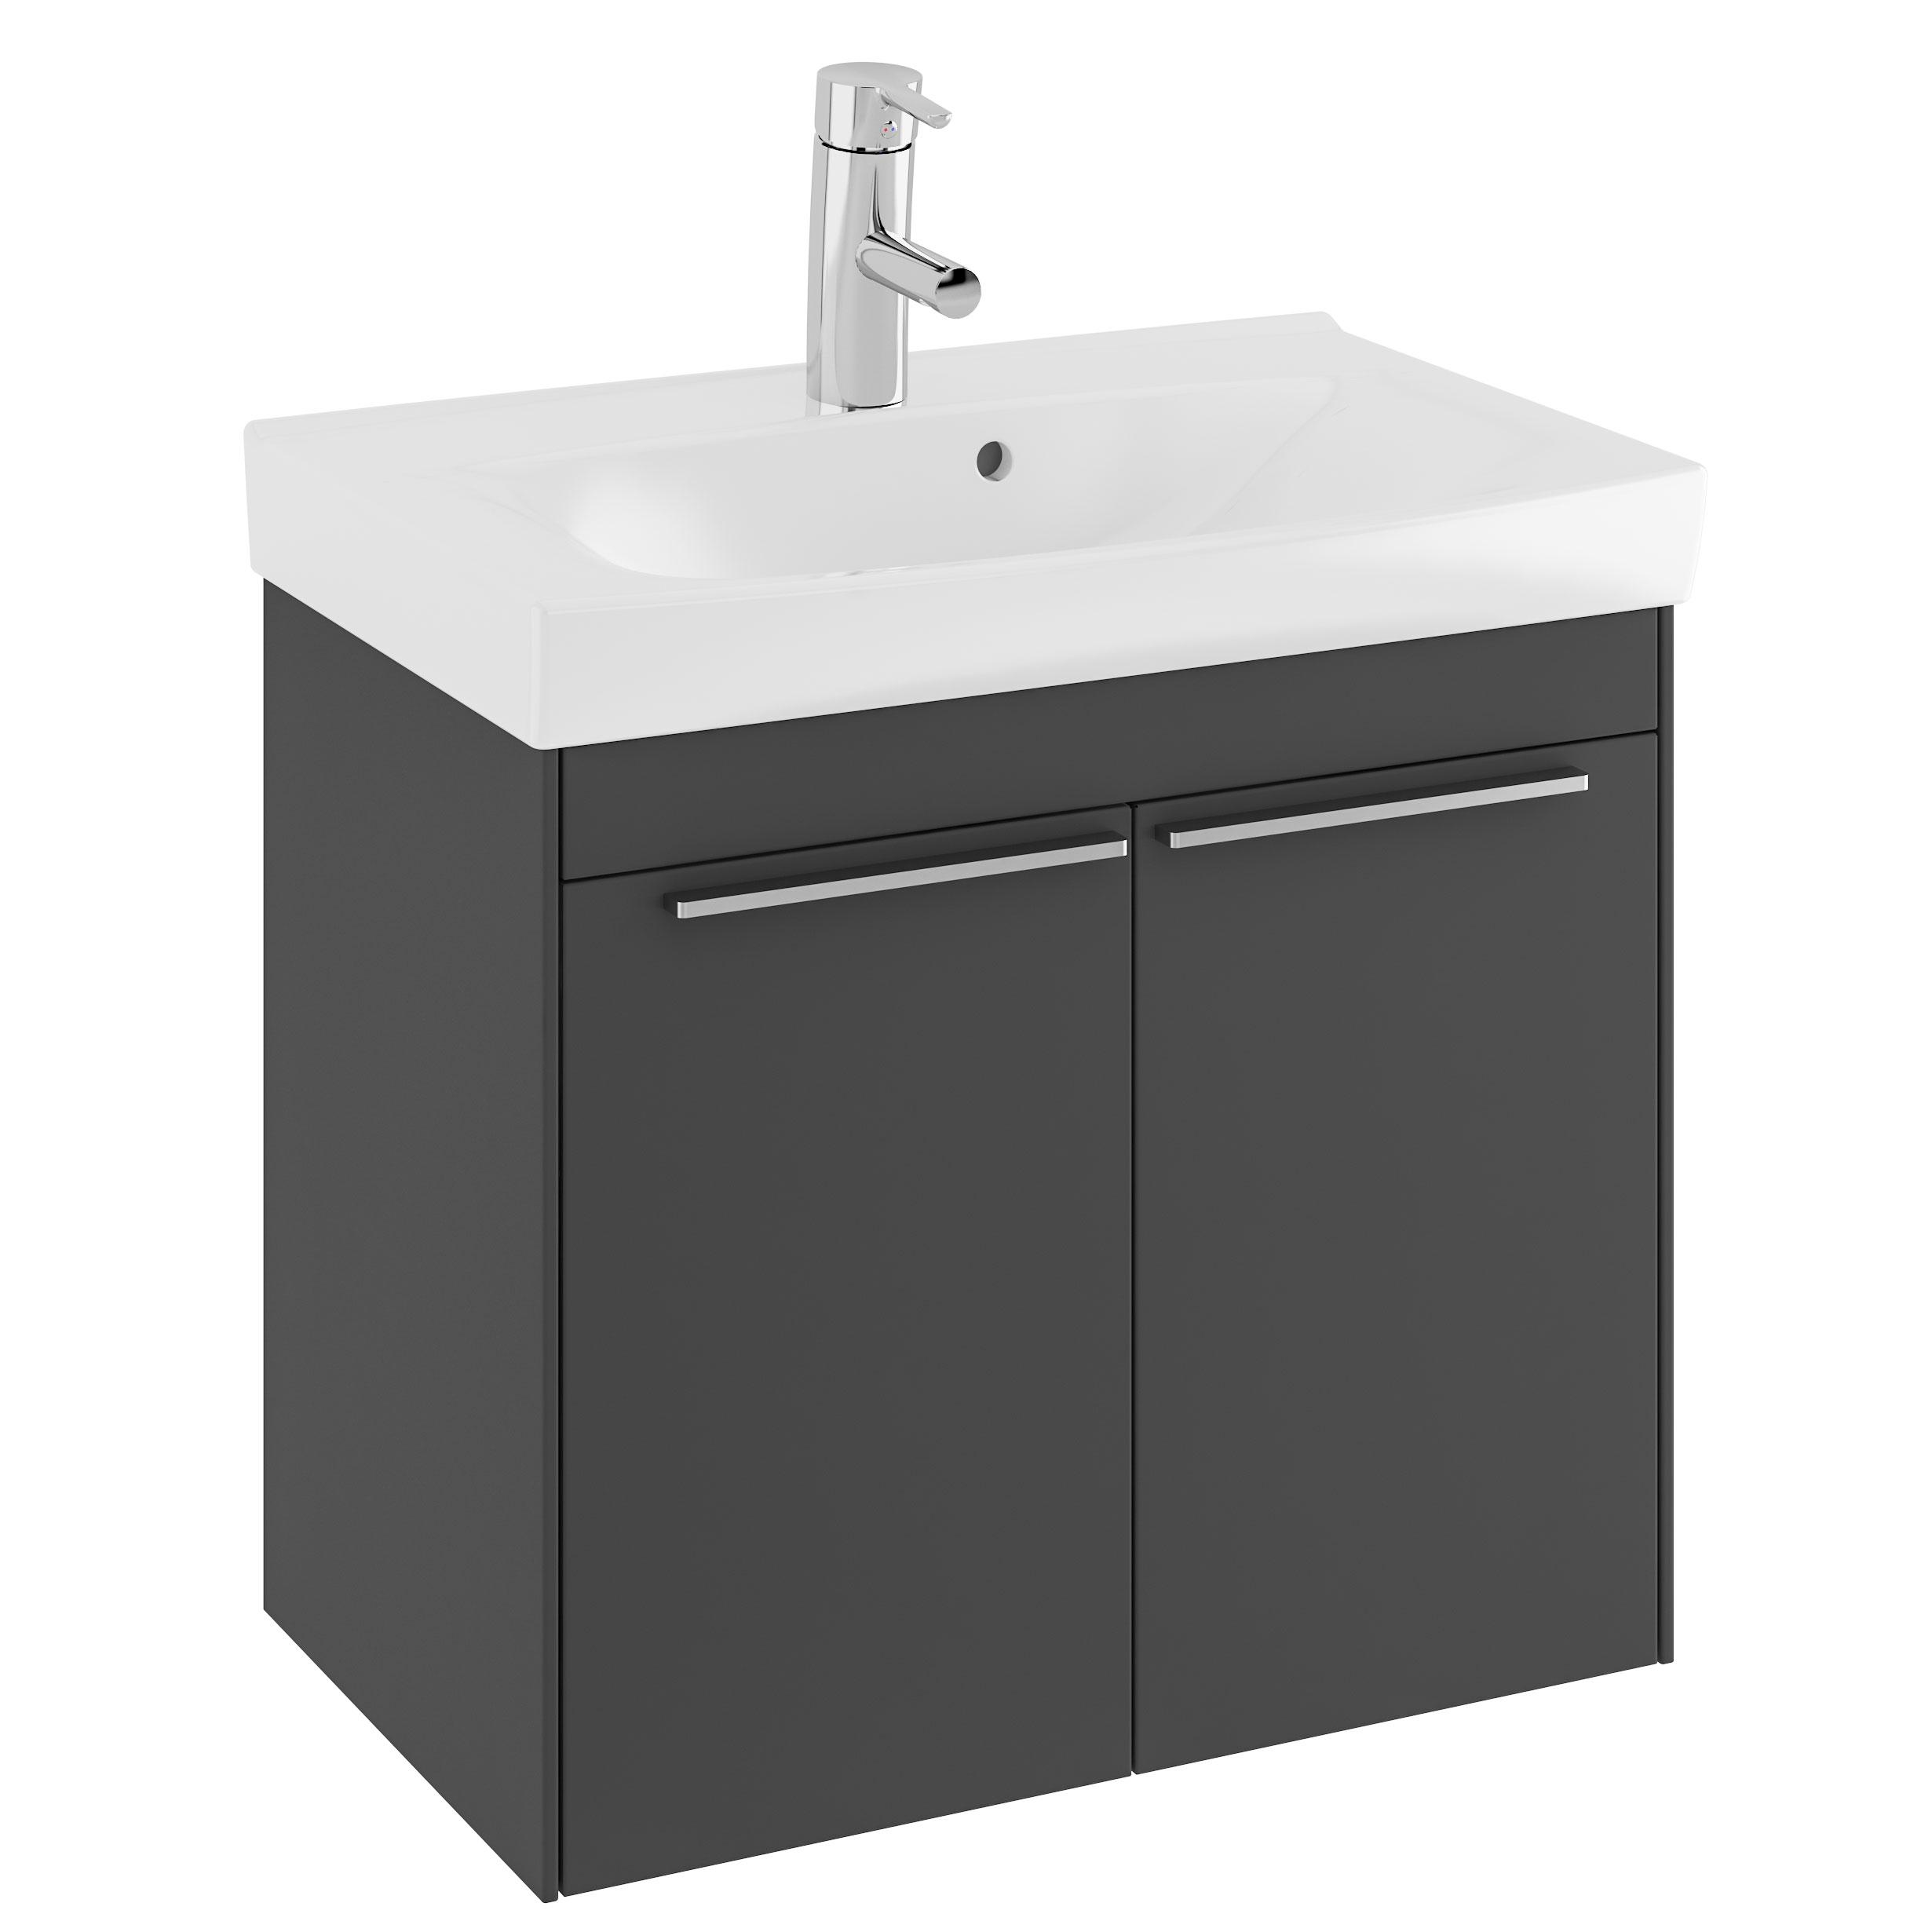 Tvättställsskåp Ifö Sense 60 med Lucka